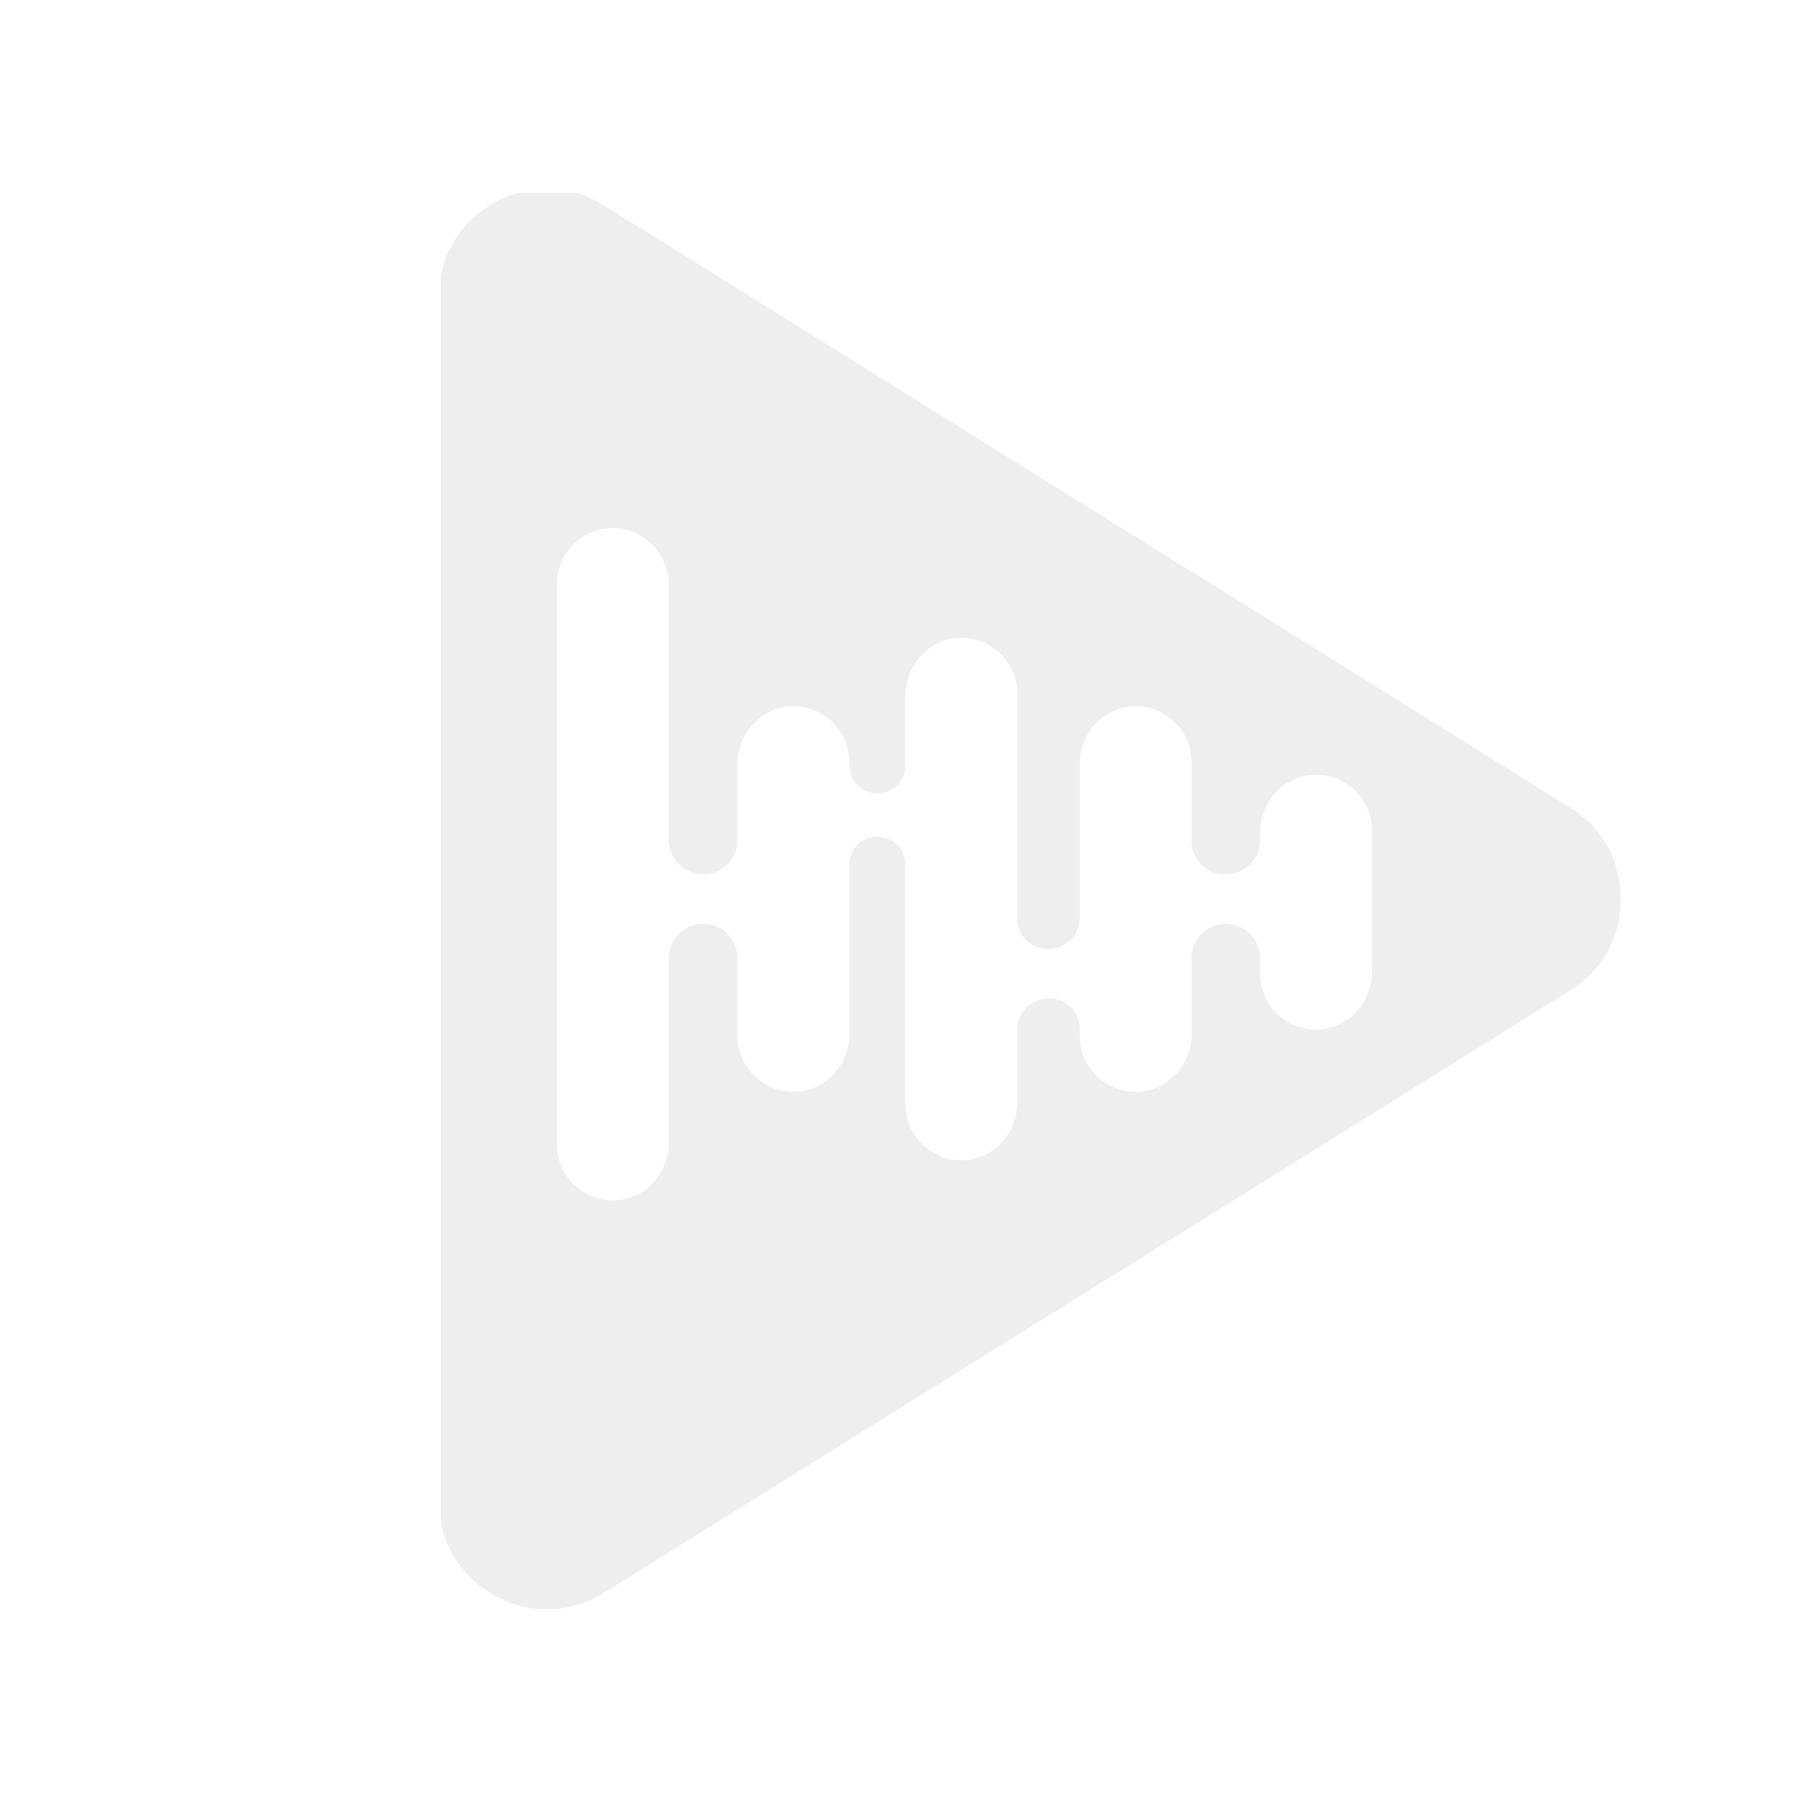 Incartec 40-1333W-165